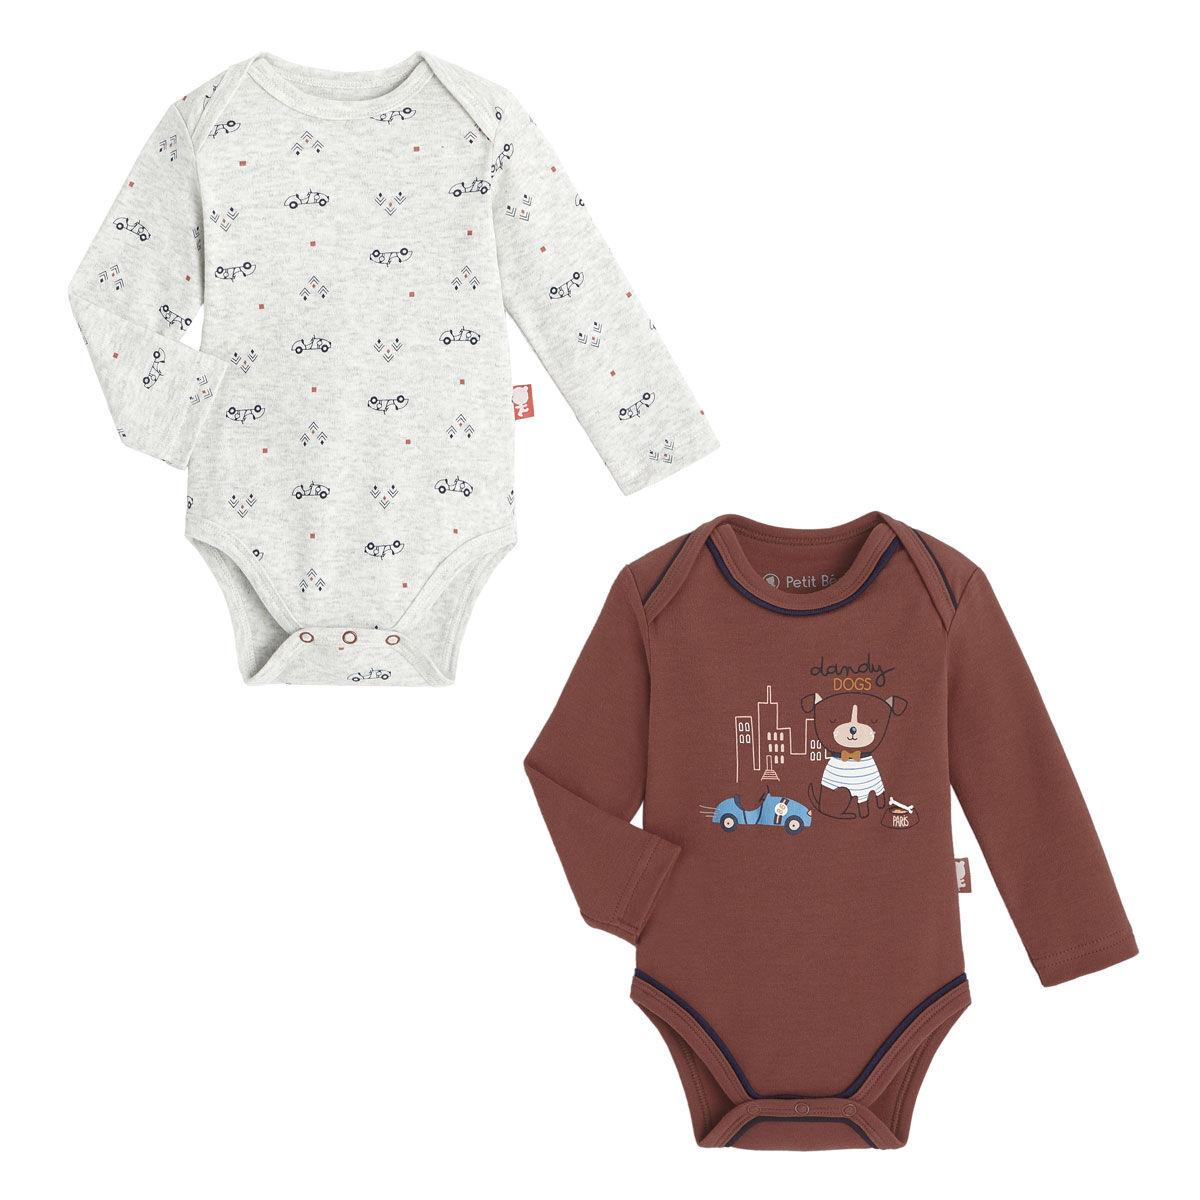 Petit Béguin Lot de 2 bodies bébé garçon manches longues Dandy Dog - Taille - 6 mois